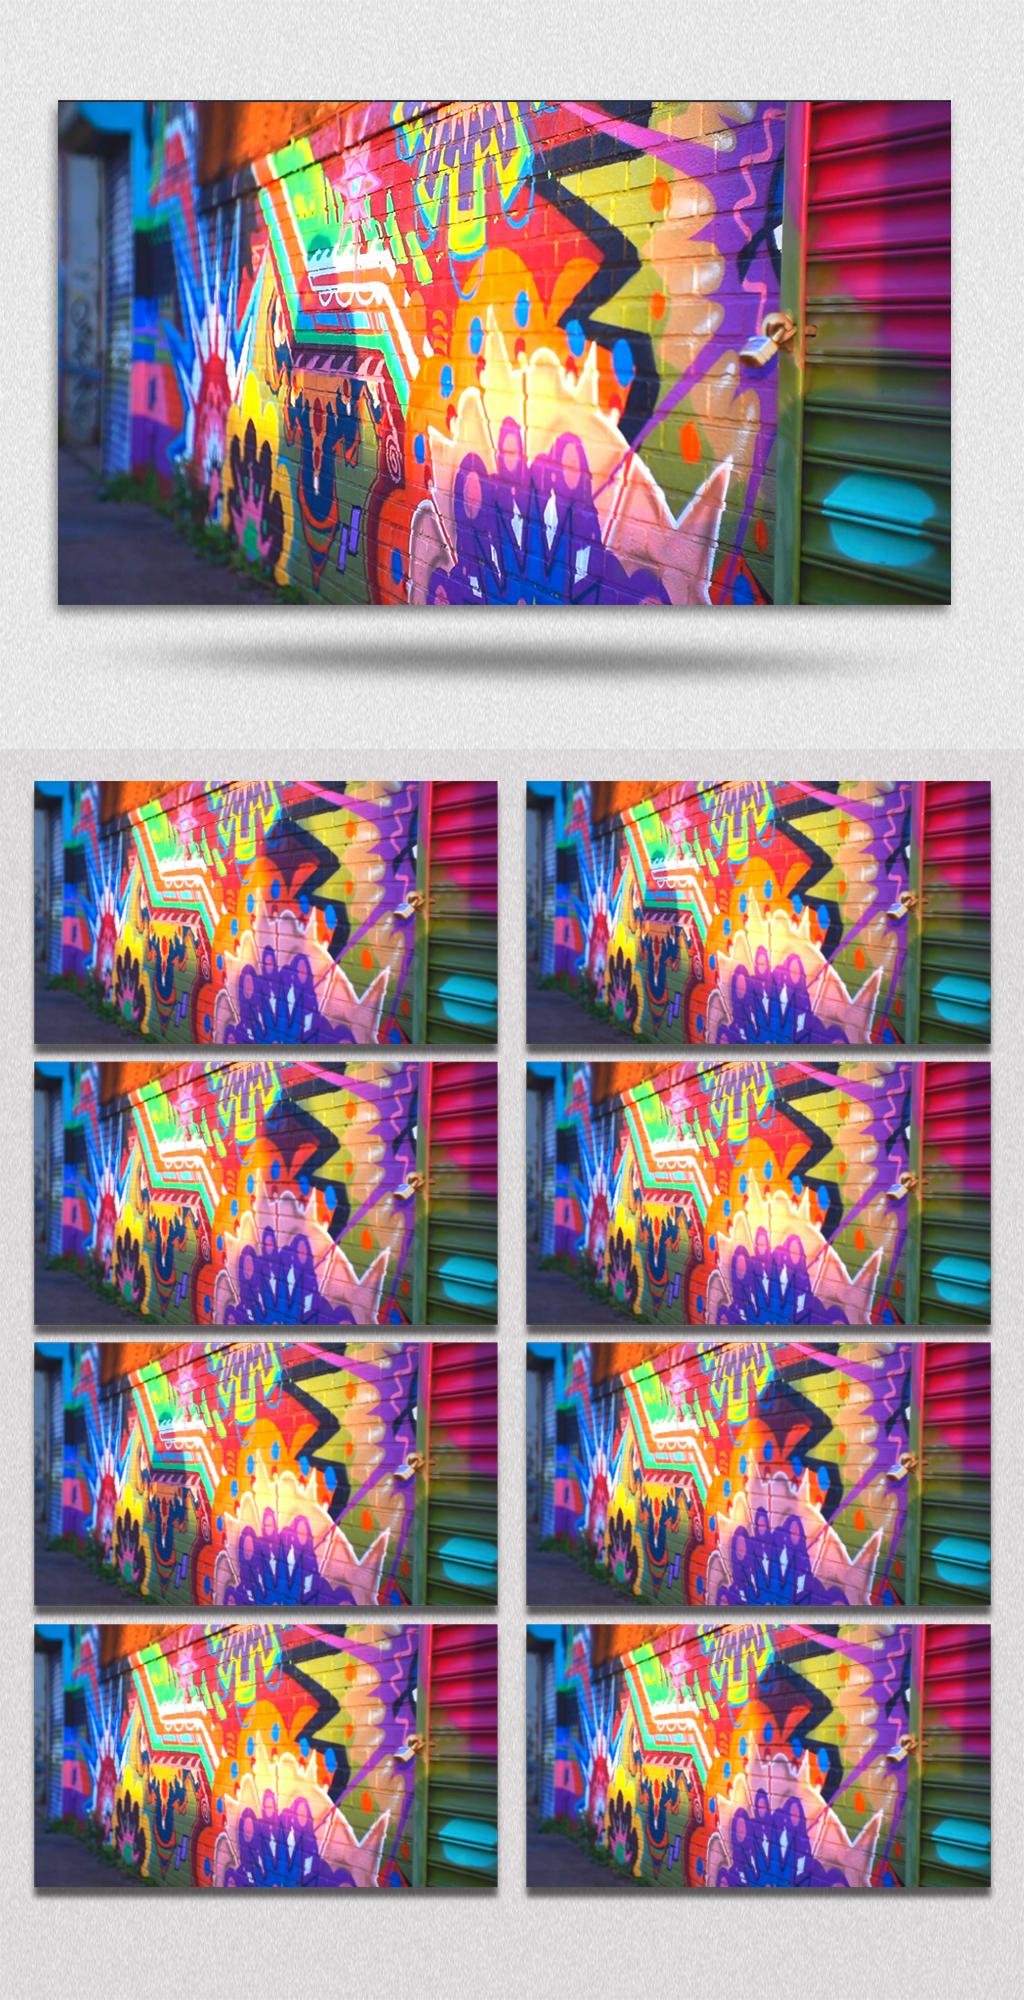 涂鸦背景墙视频素材图片设计 高清其他模板下载 2.17MB QQ8A6AC7